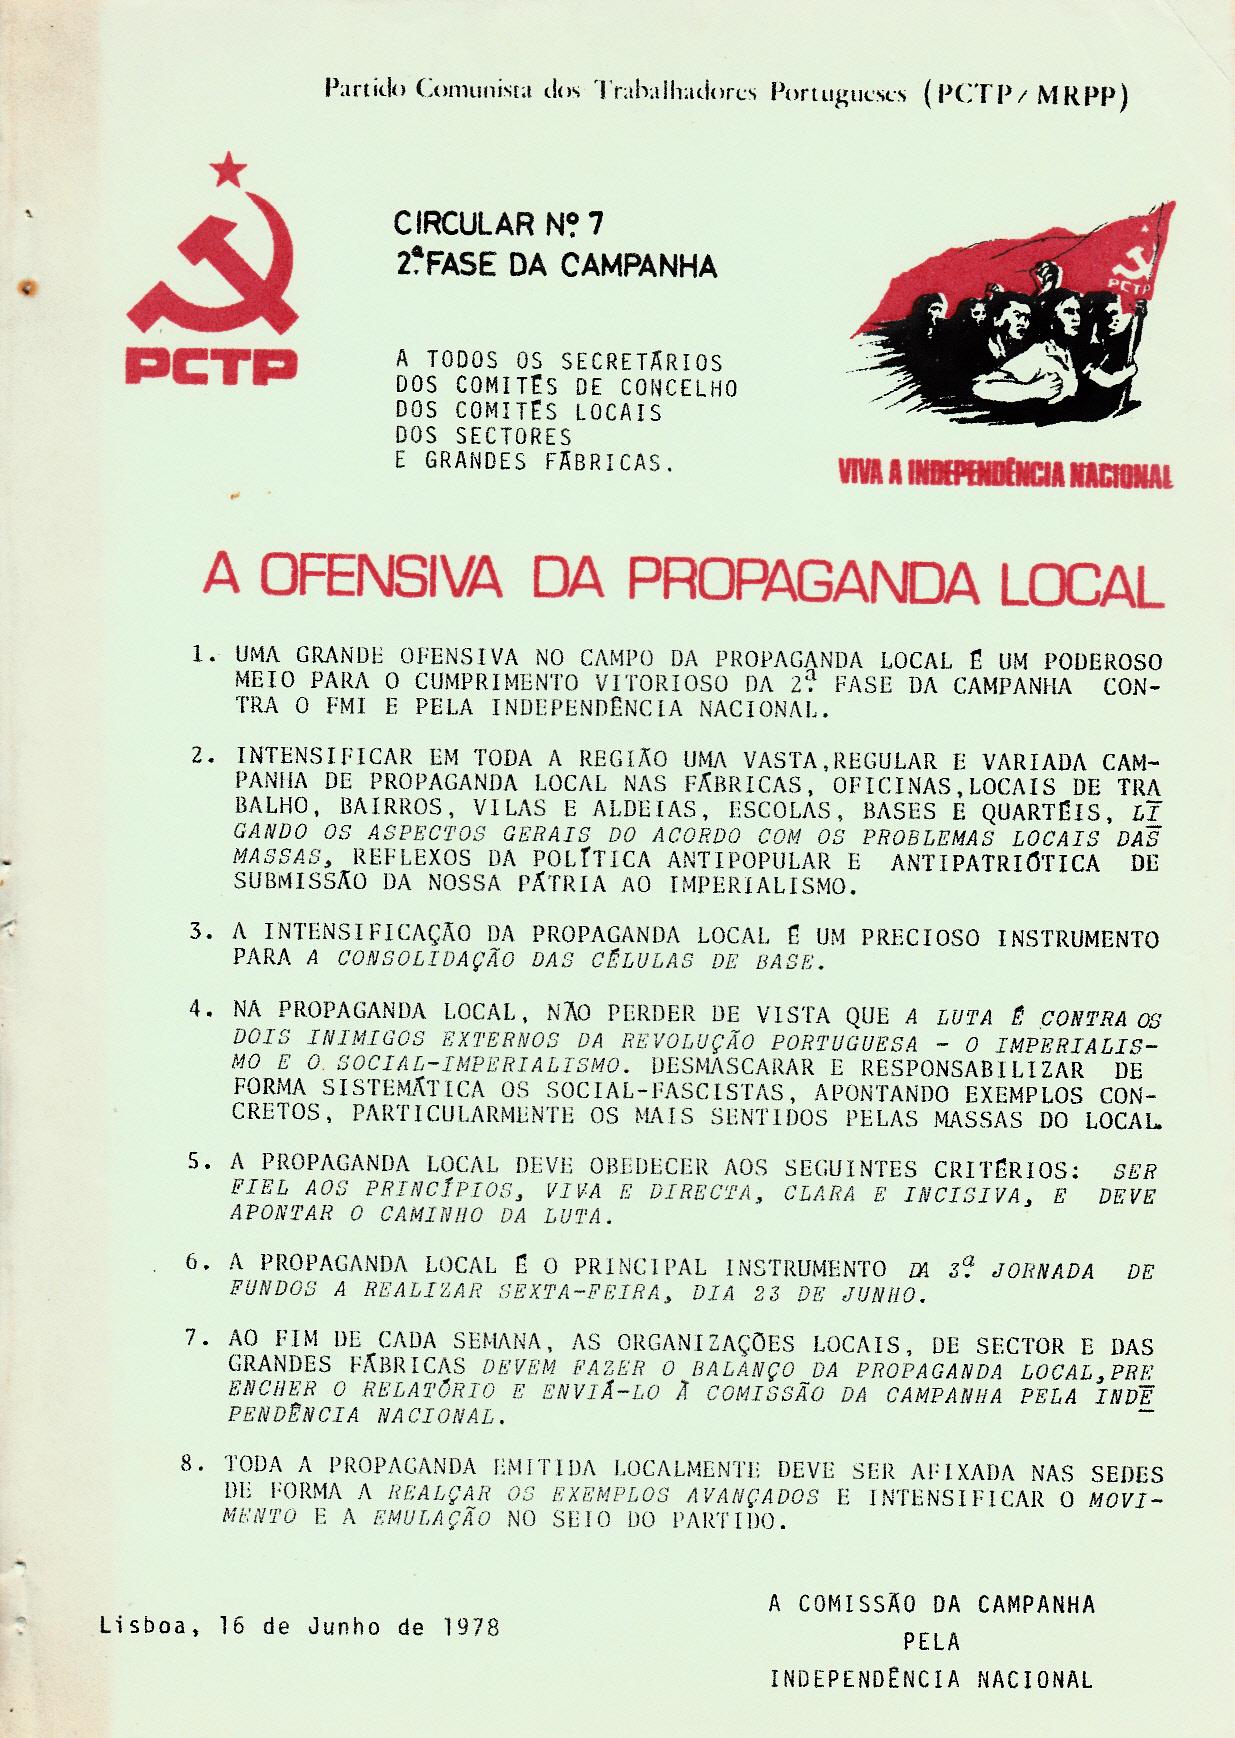 MRPP_1978_06_16_b